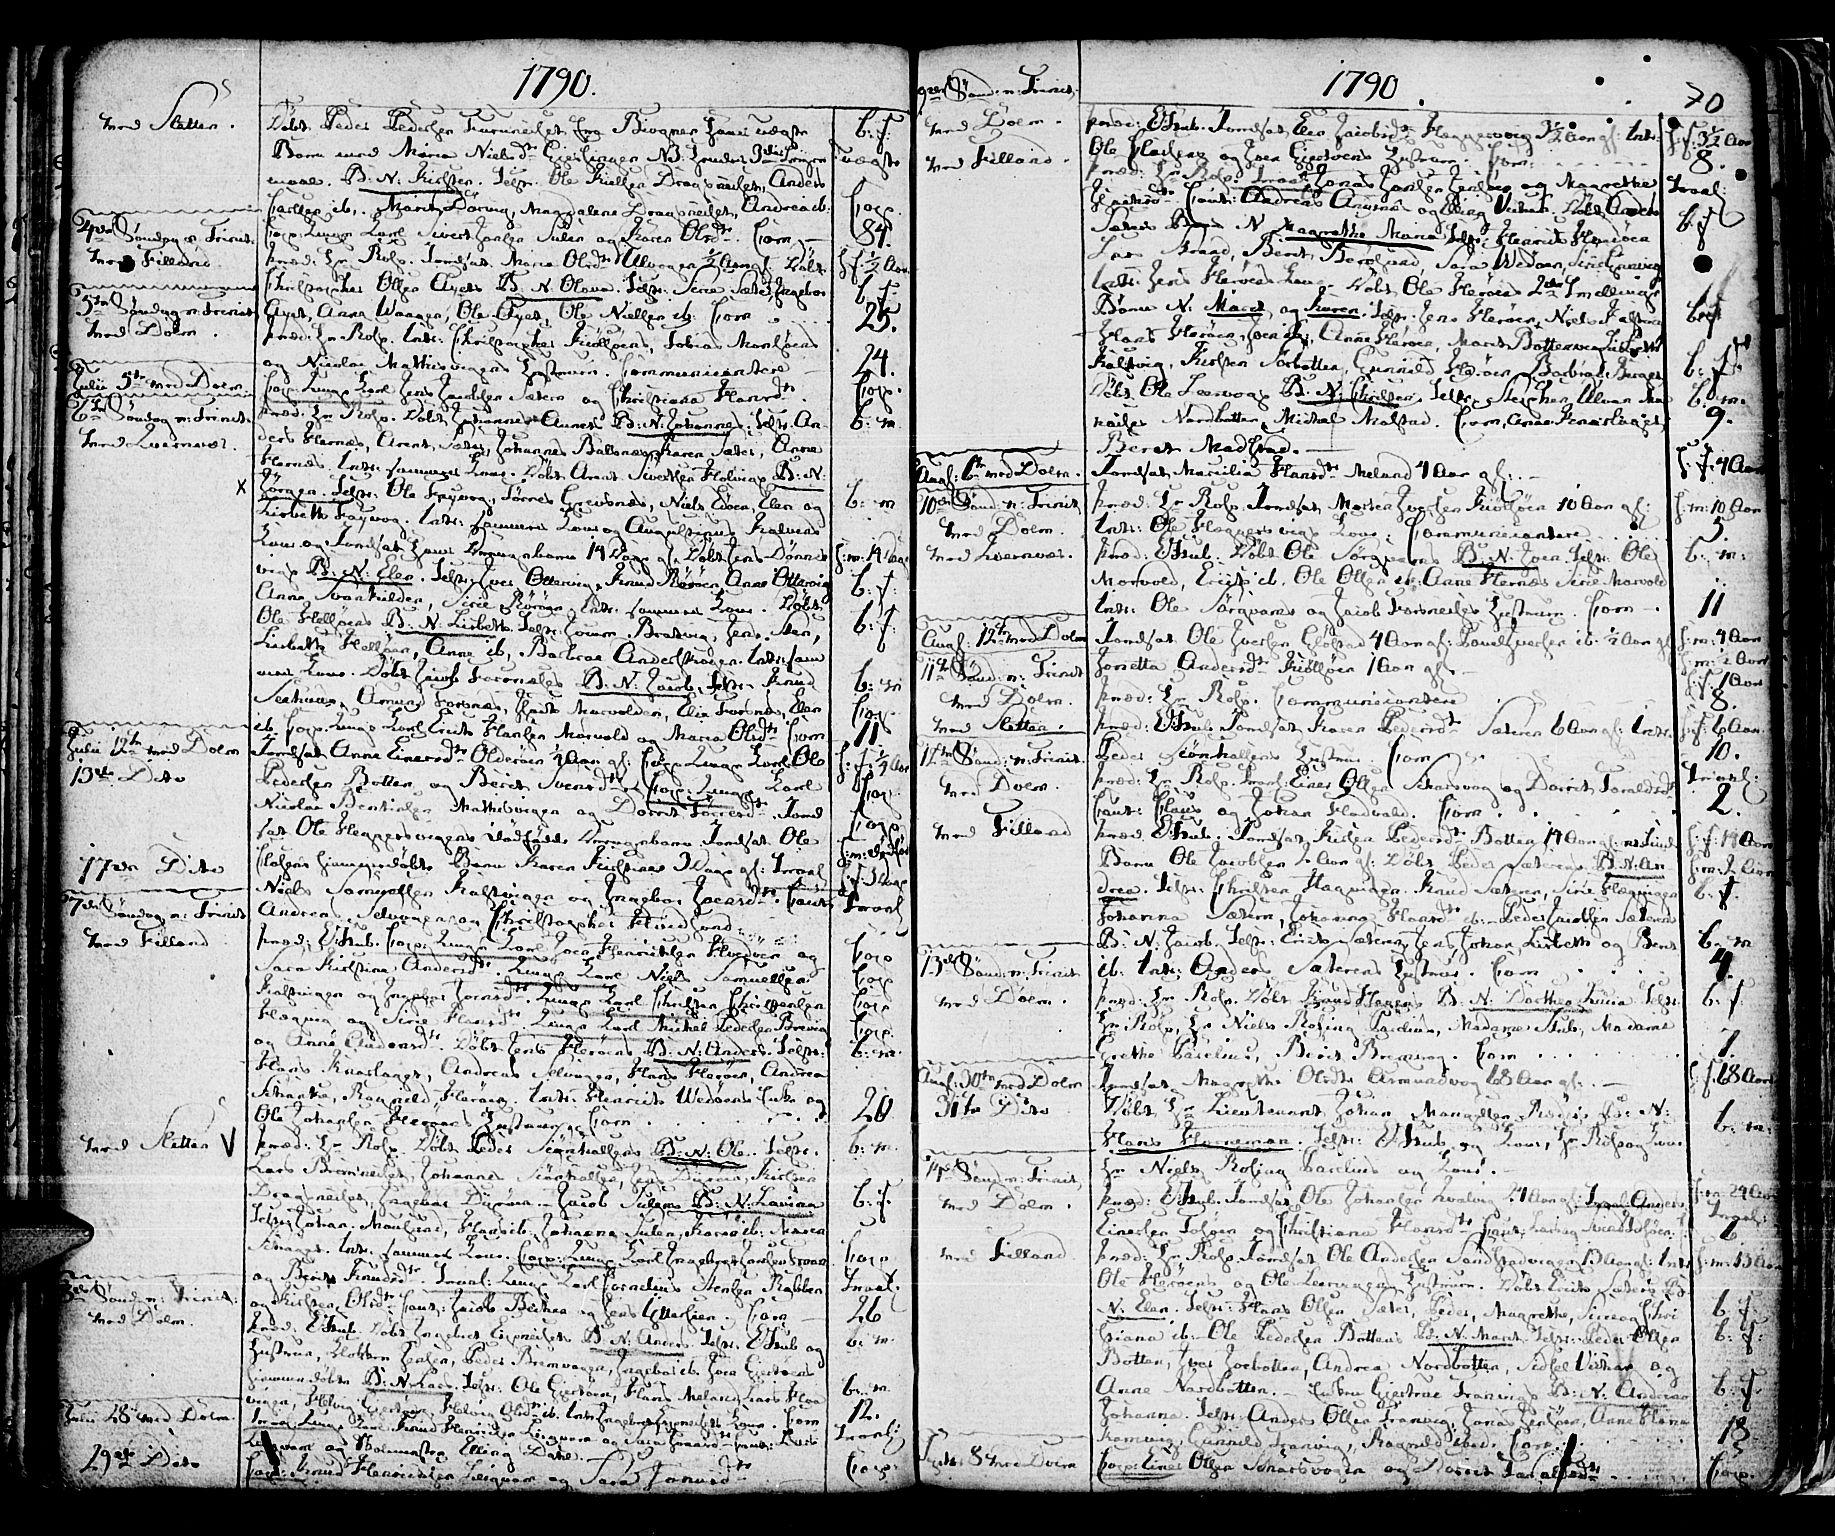 SAT, Ministerialprotokoller, klokkerbøker og fødselsregistre - Sør-Trøndelag, 634/L0526: Ministerialbok nr. 634A02, 1775-1818, s. 70